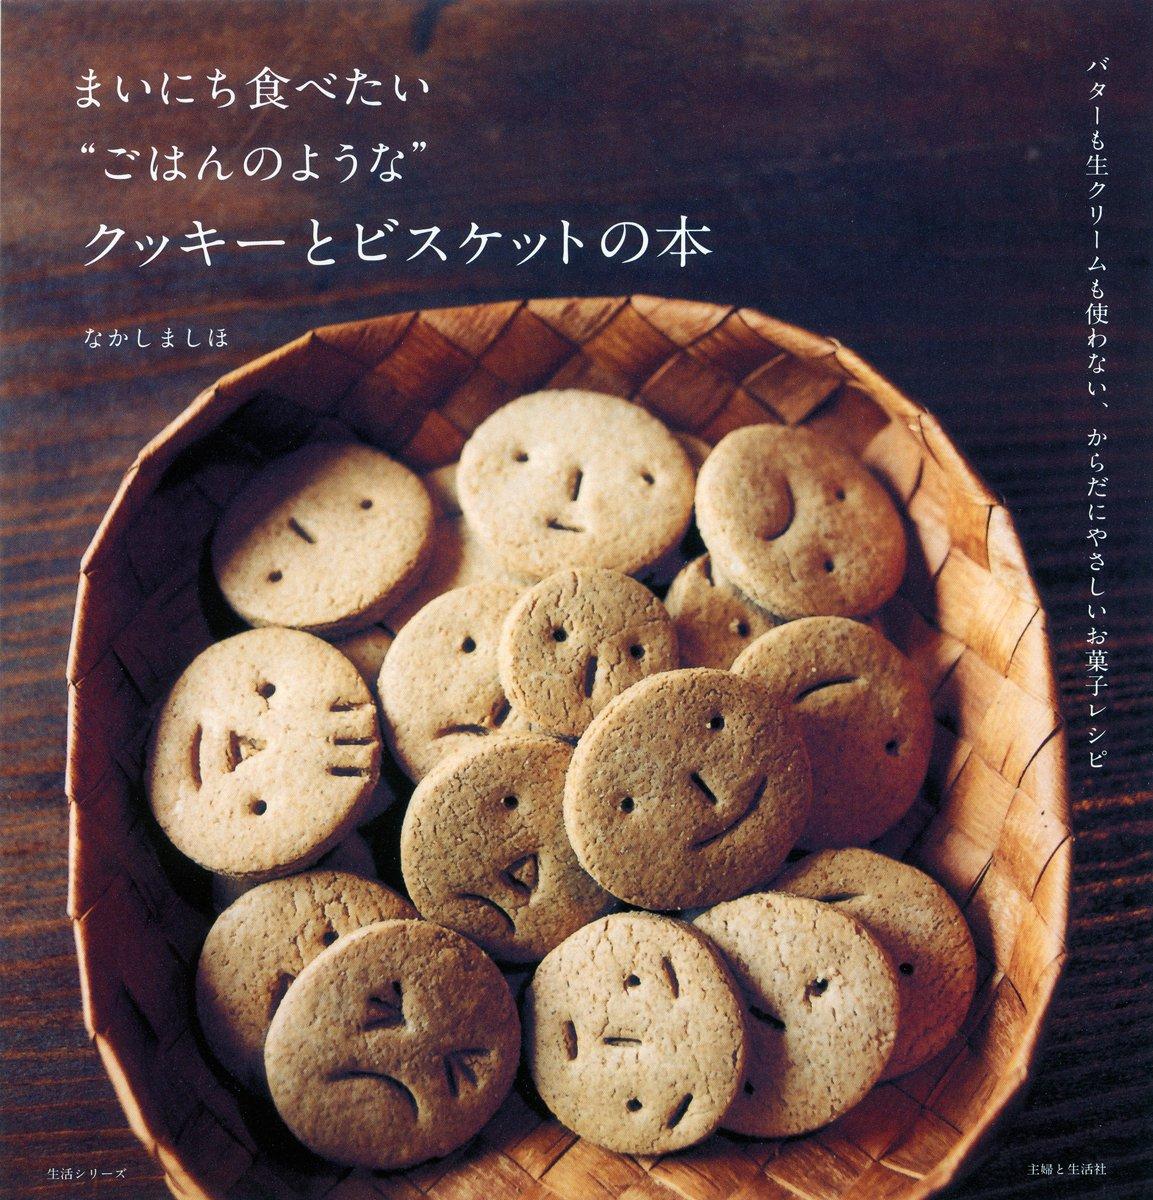 かわいいクッキーが簡単に作れるレシピ本おすすめ5選!